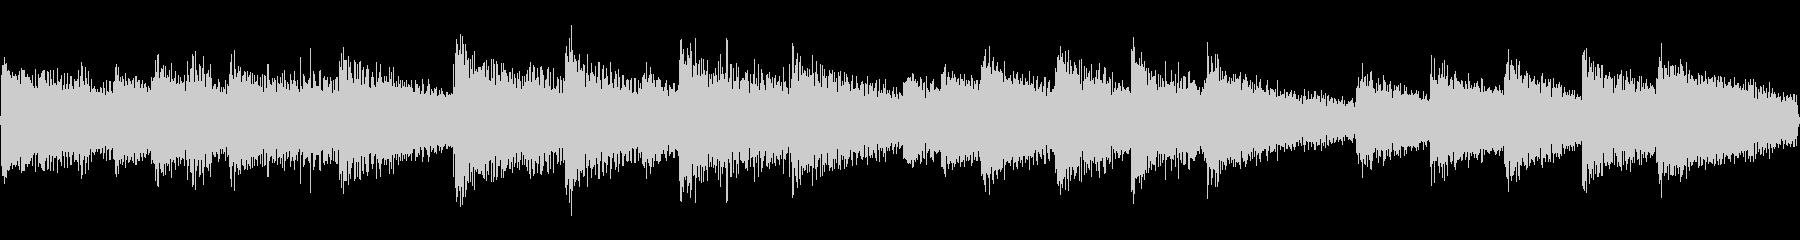 儚い雰囲気のピアノソロジングルの未再生の波形